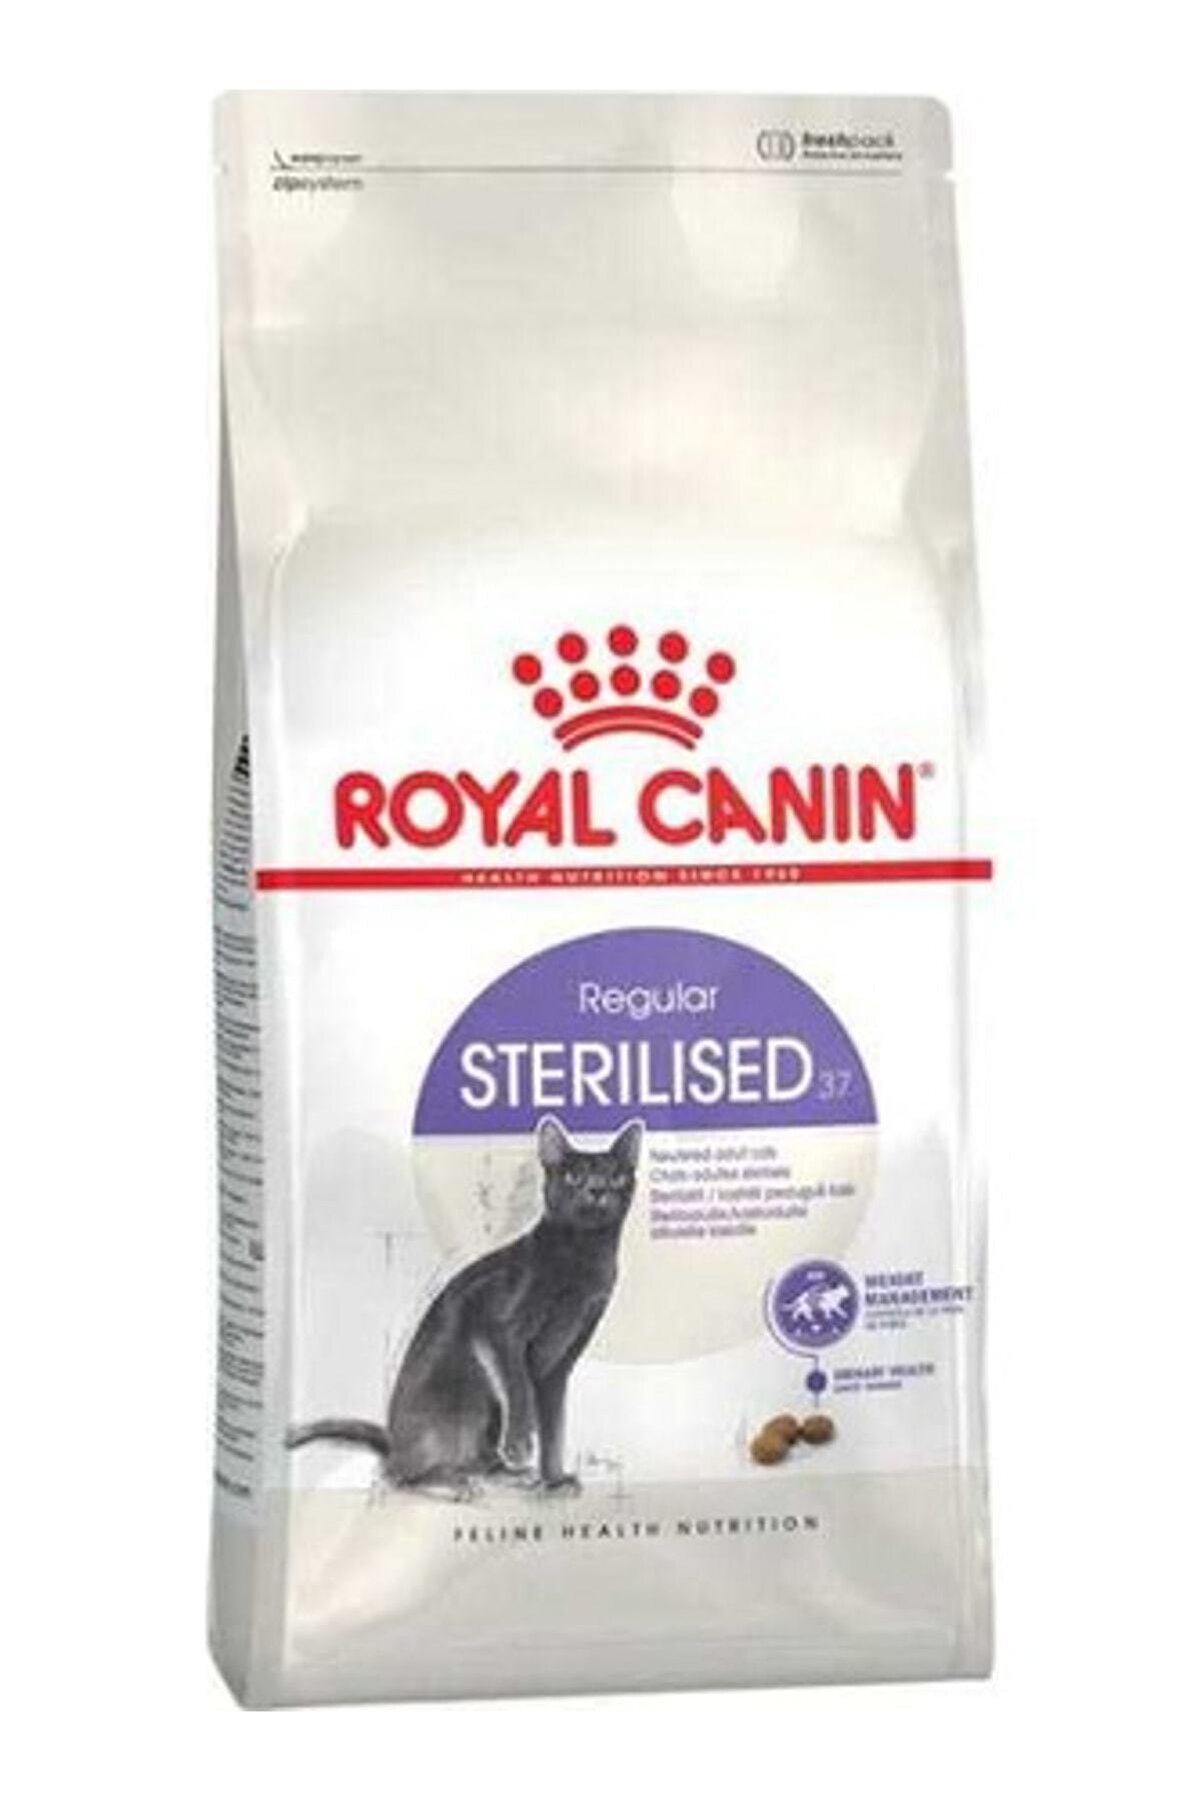 Royal Canin Fhn Sterilised 37 Kısırlaştırılmış Kedi Maması 4 kg PTANNA251100066